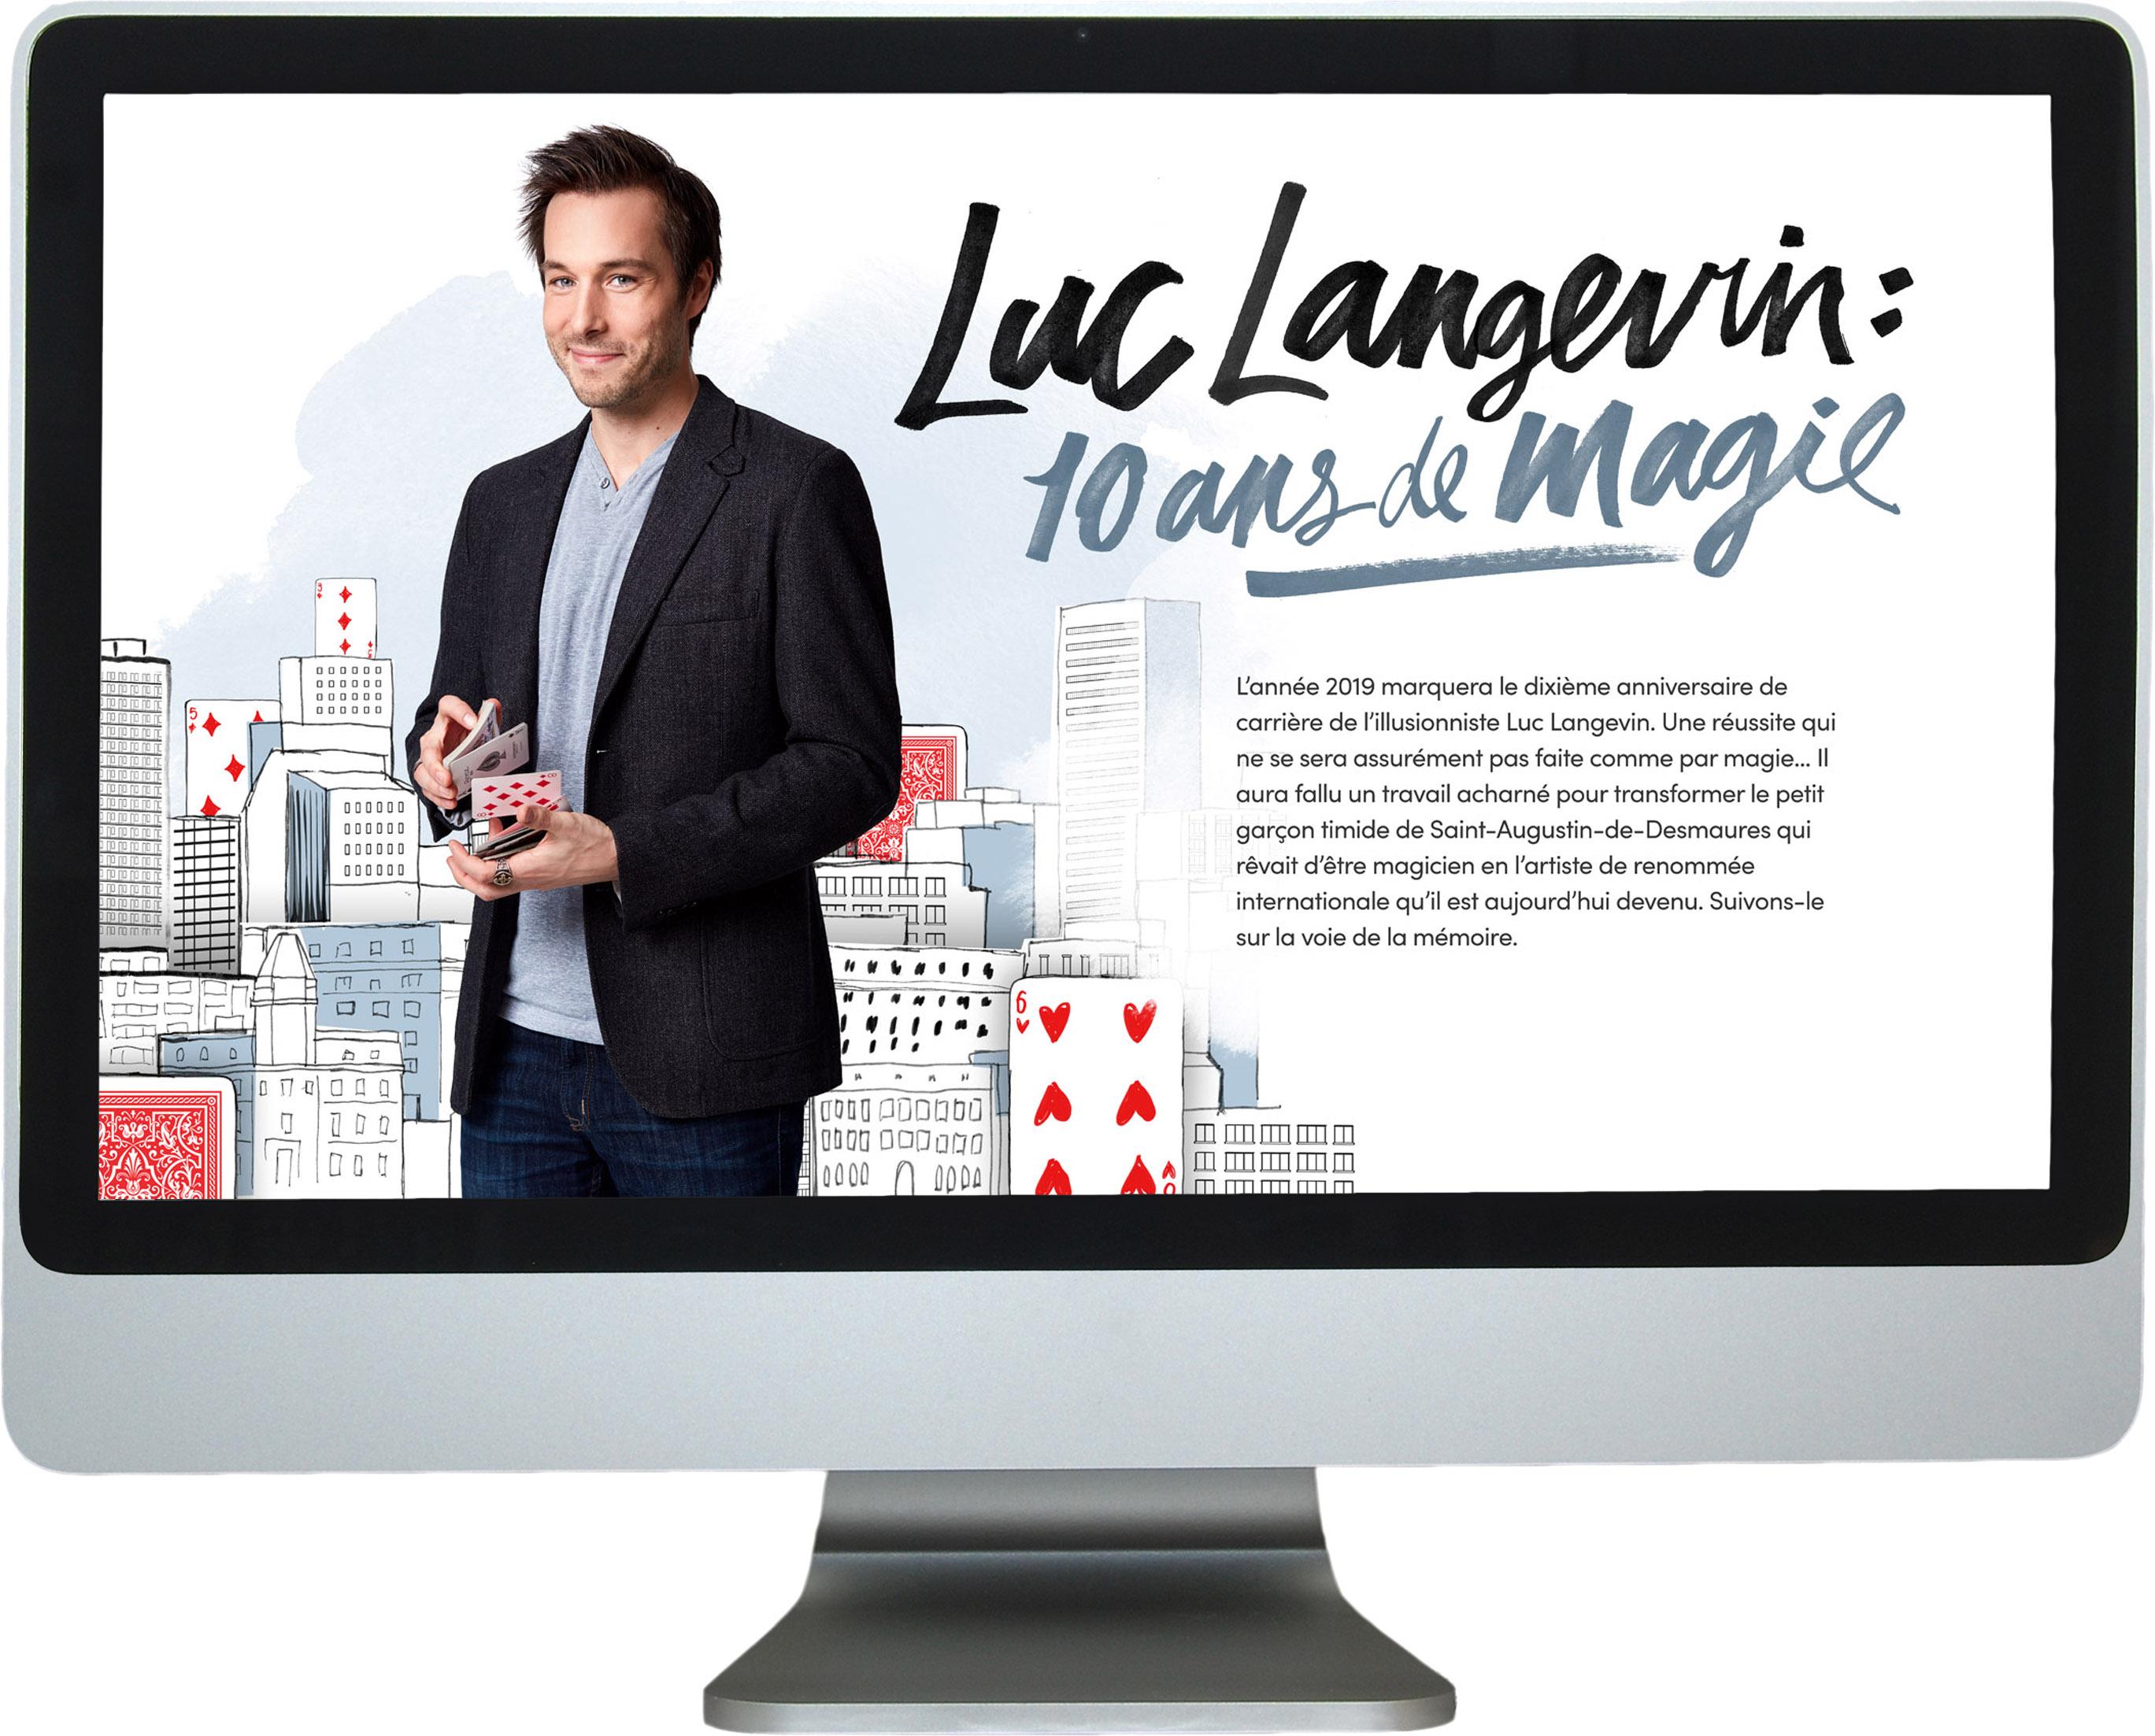 LucLangevin00